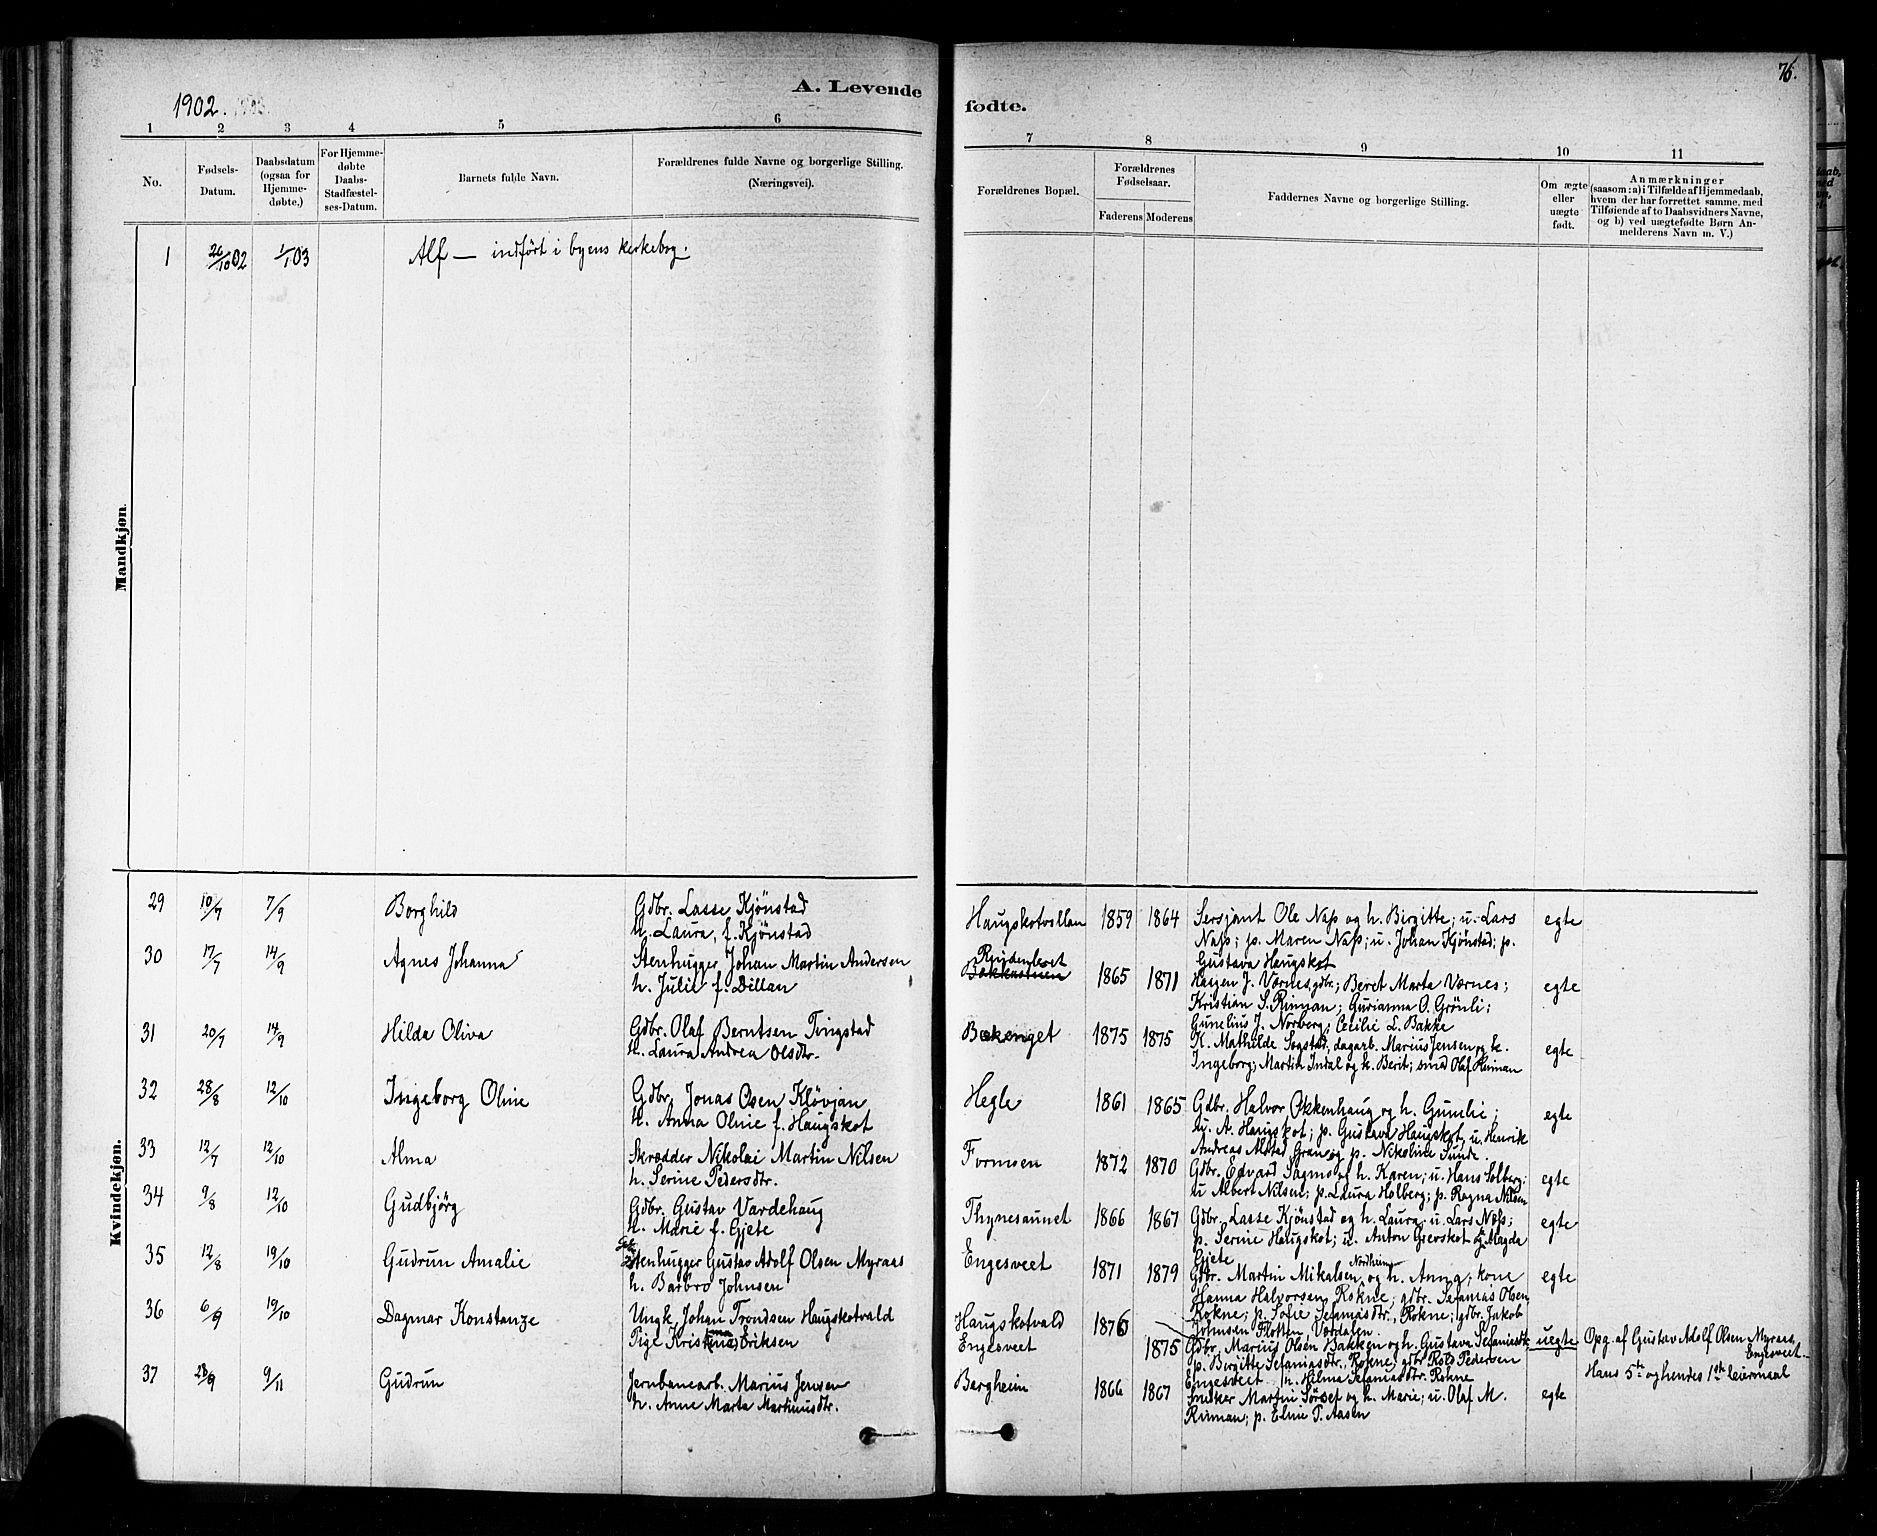 SAT, Ministerialprotokoller, klokkerbøker og fødselsregistre - Nord-Trøndelag, 721/L0208: Klokkerbok nr. 721C01, 1880-1917, s. 76